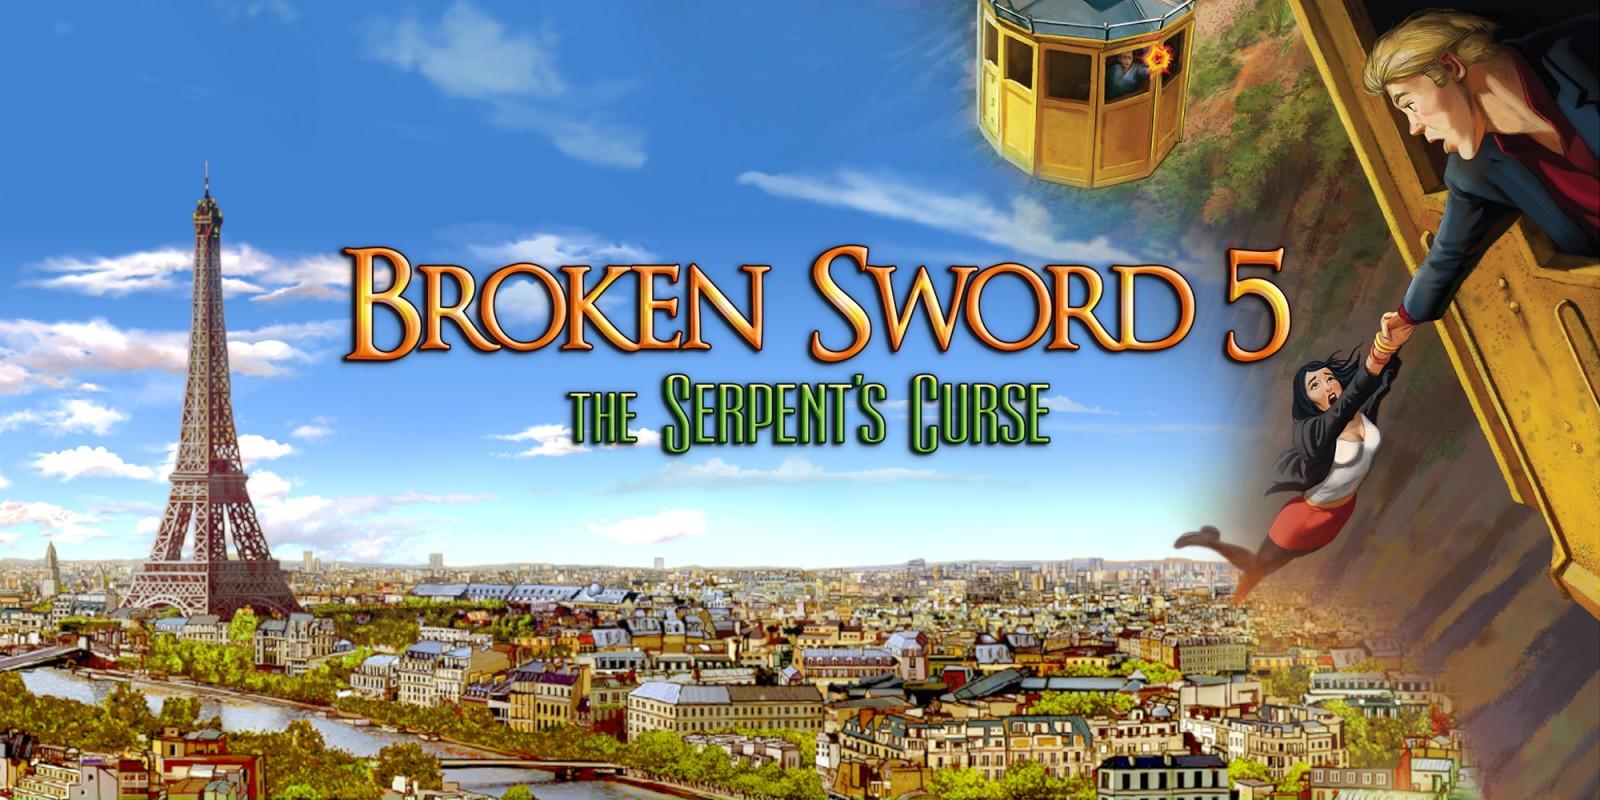 #20. Broken Sword 5